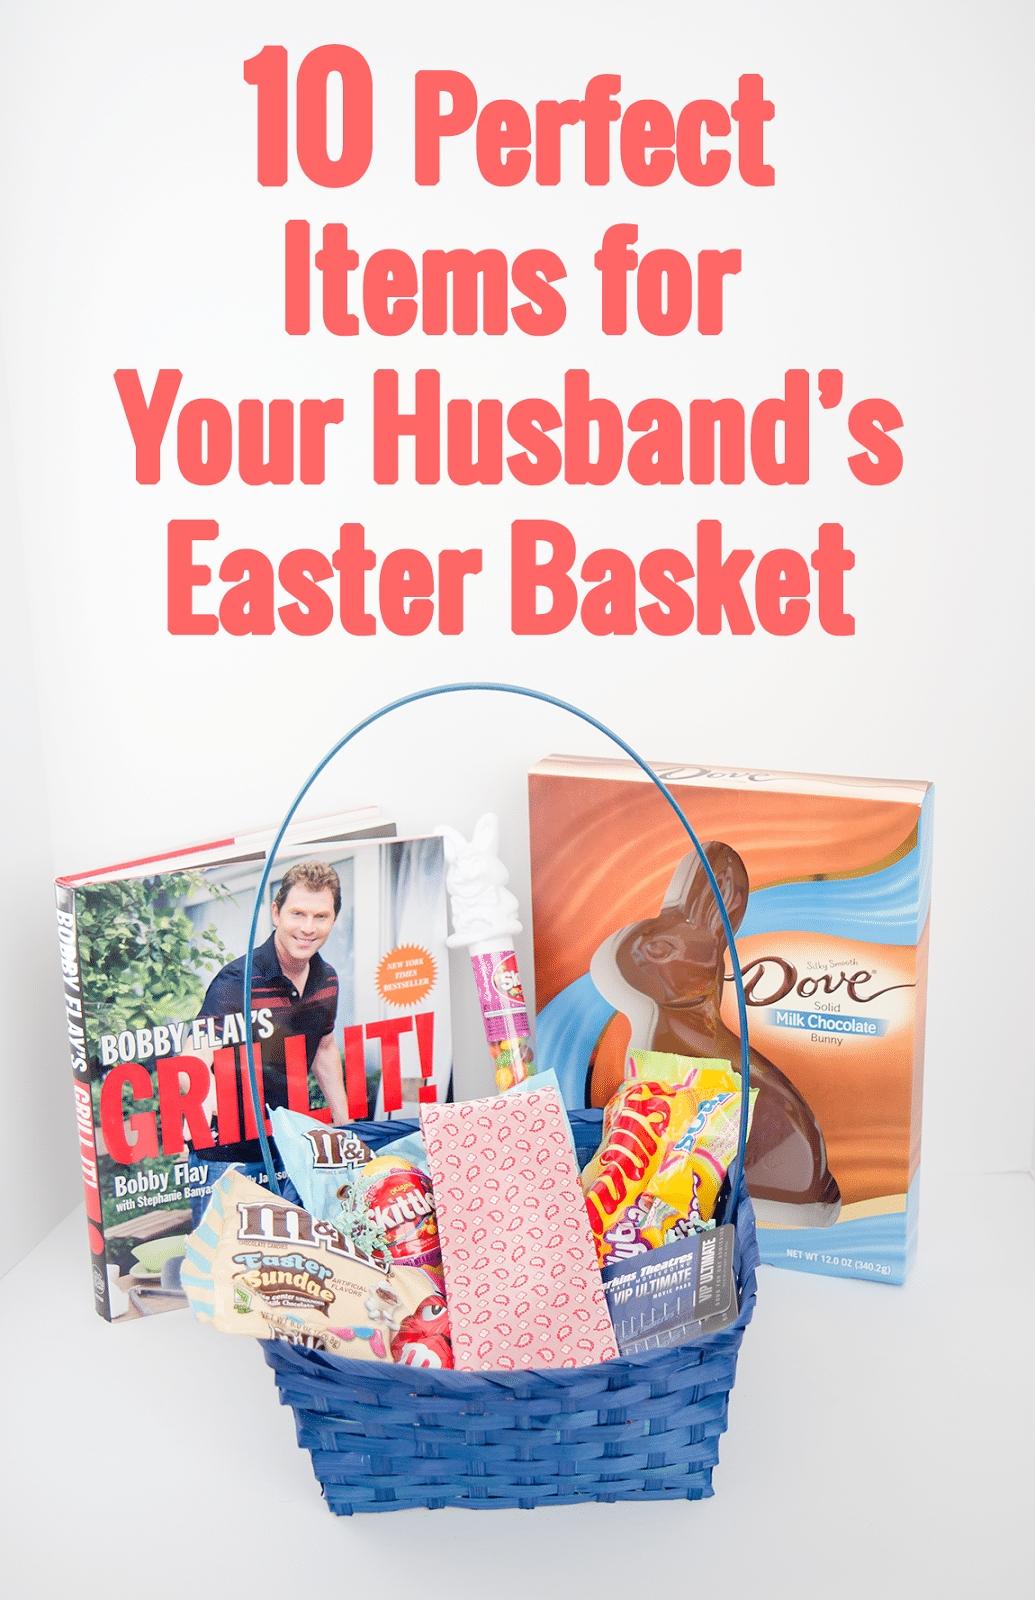 husband's easter basket